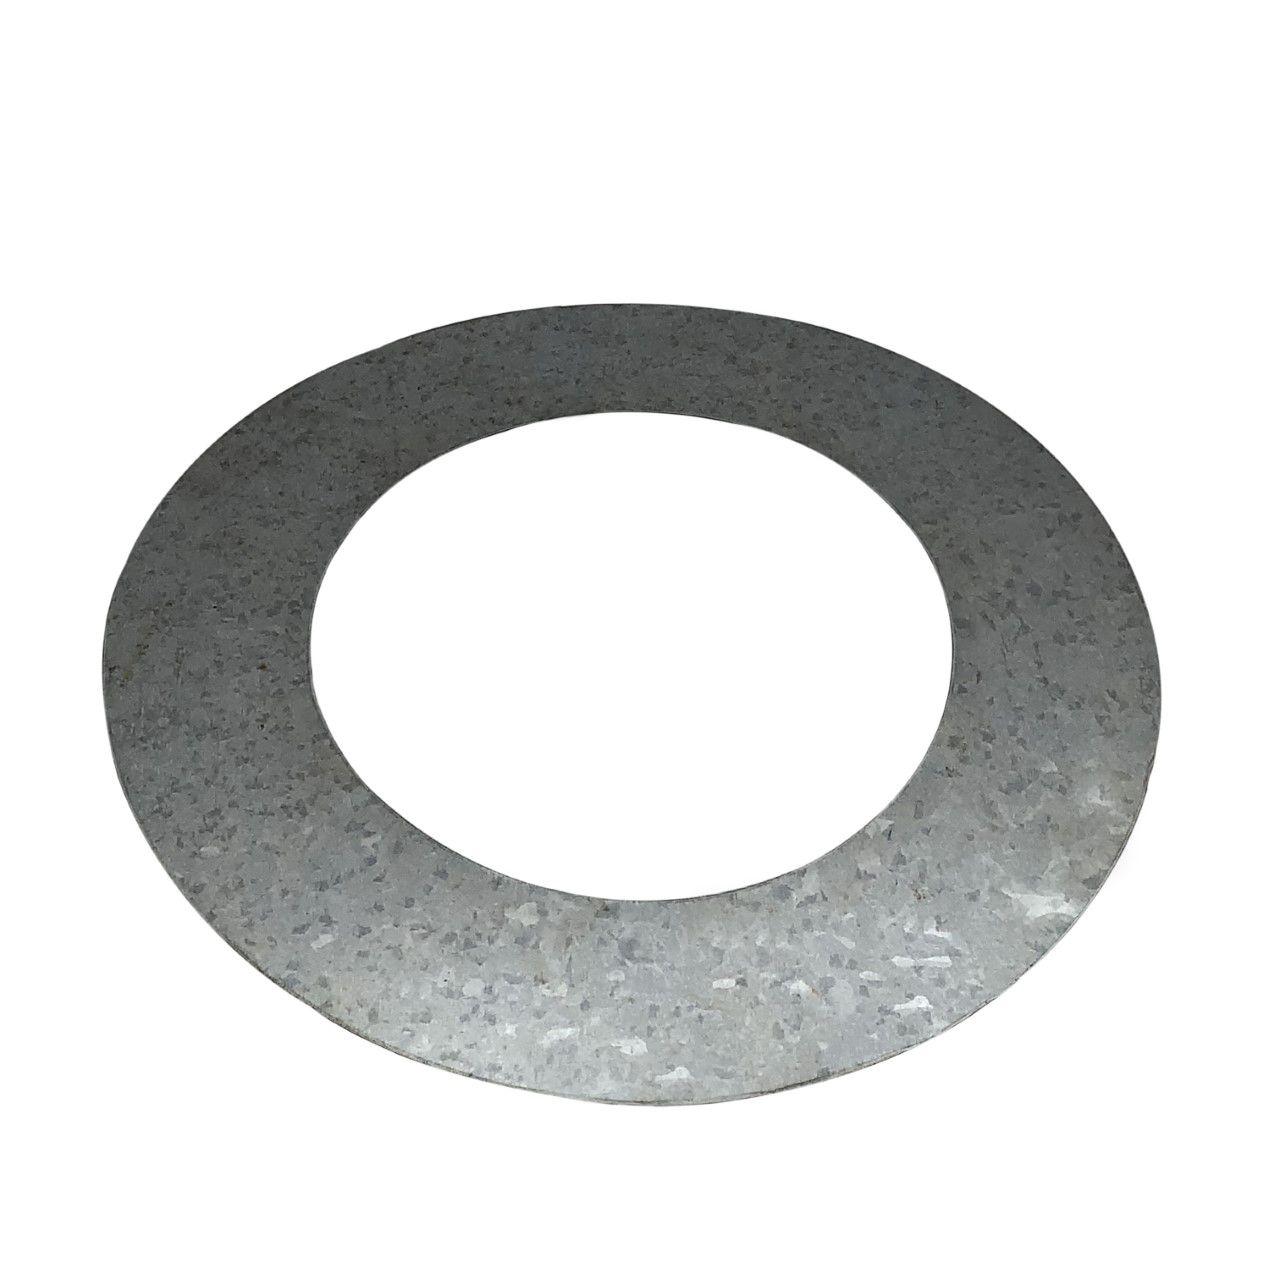 Anel de acabamento galvanizado para laje ou parede para dutos de 130 mm de diâmetro  - Galvocalhas